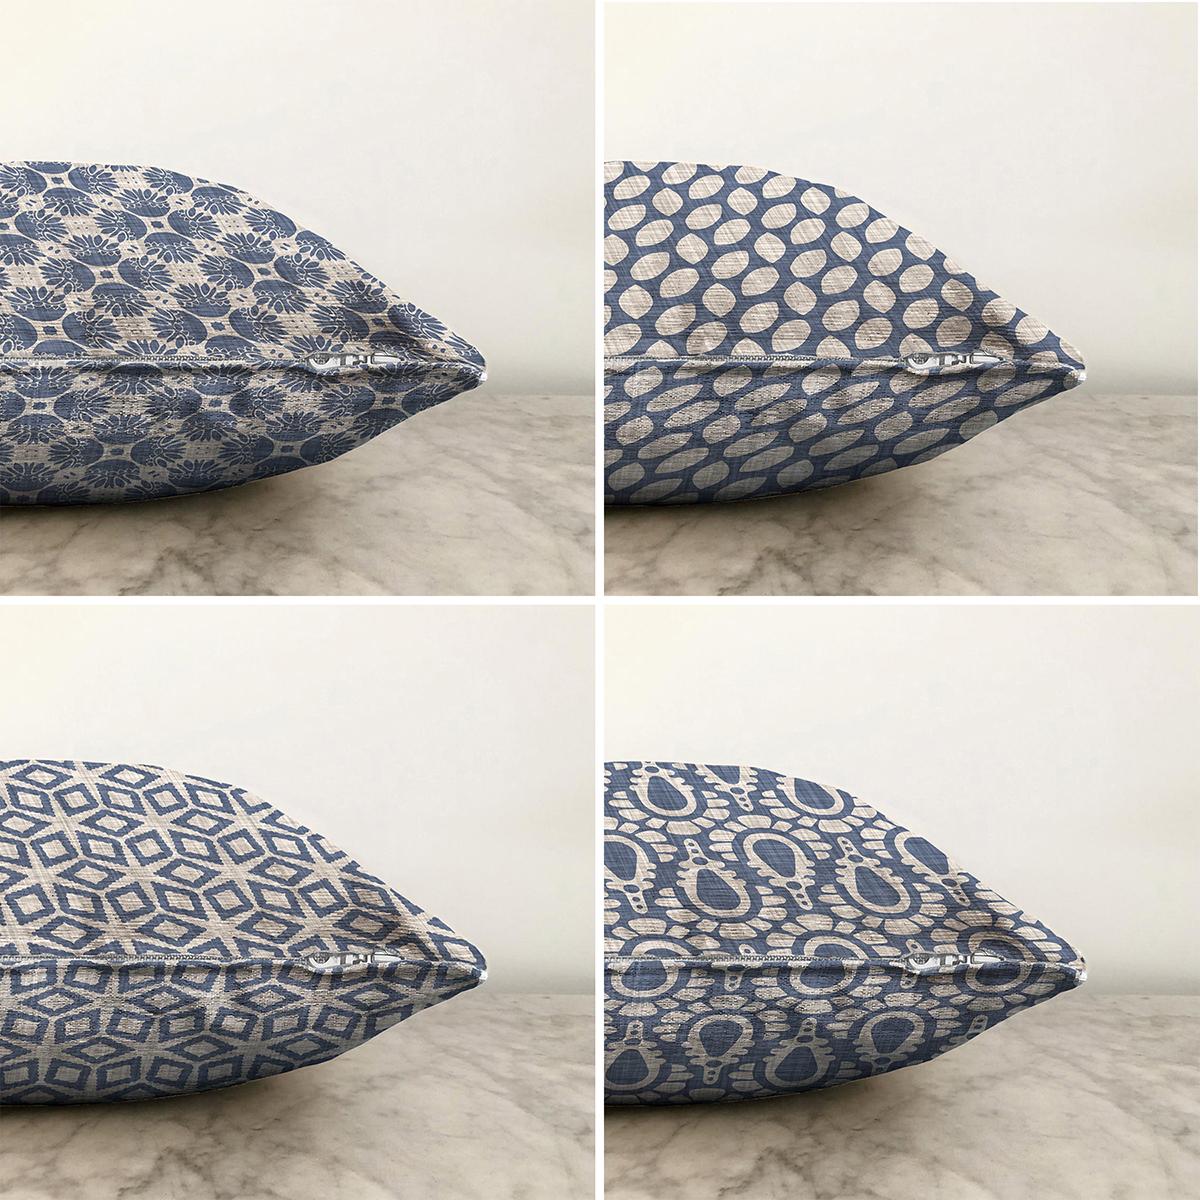 Kot Zemin Üzerinde Geometrik Şekiller Motifli 4'lü Çift Taraflı Şönil Yastık Kırlent Kılıf Seti - 55 x 55 cm Realhomes